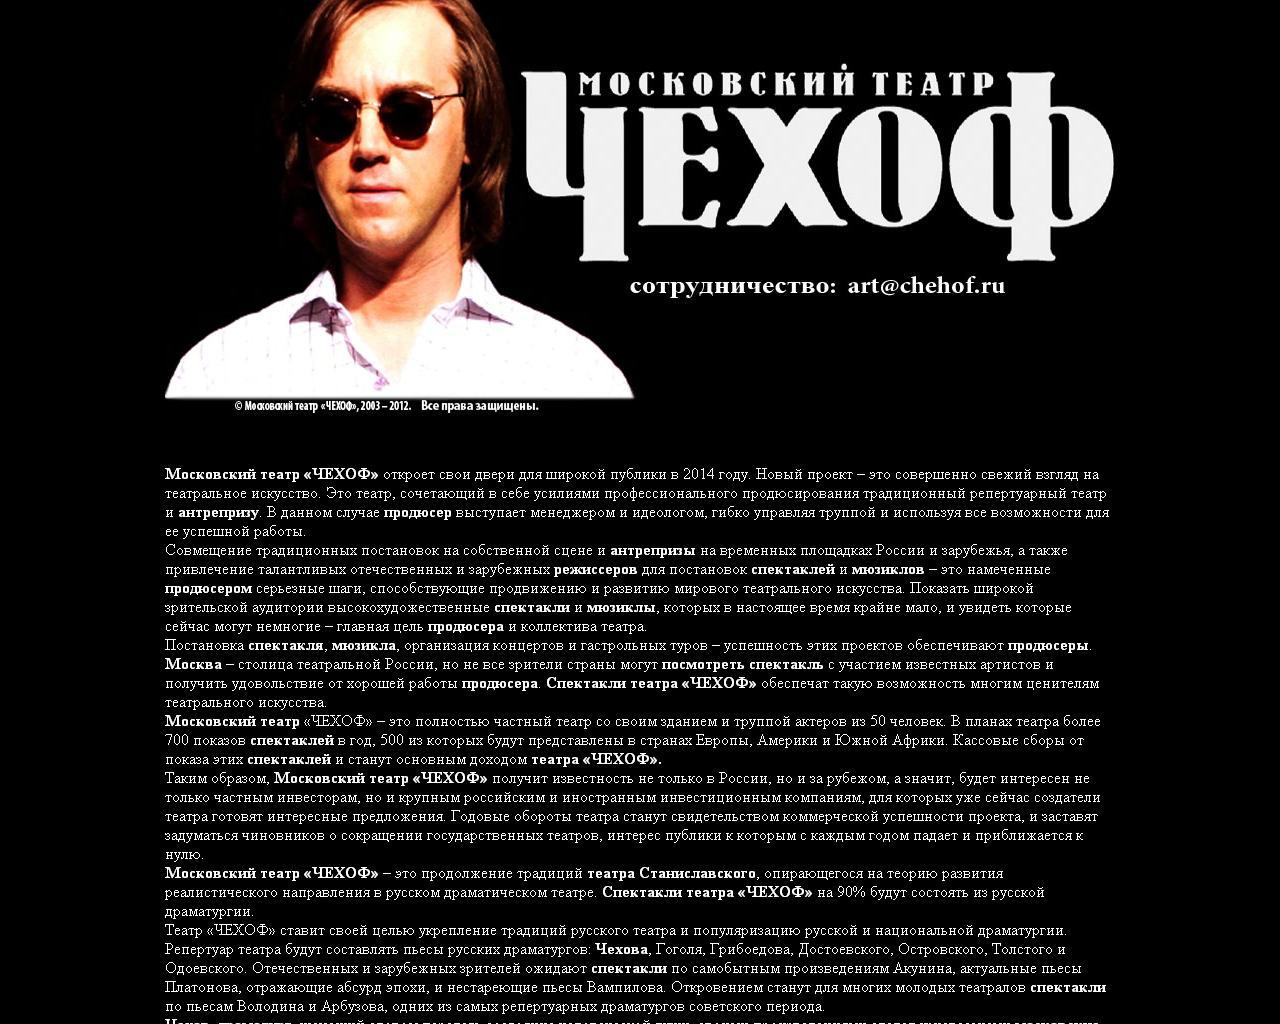 Московский театр «ЧЕХОФ»